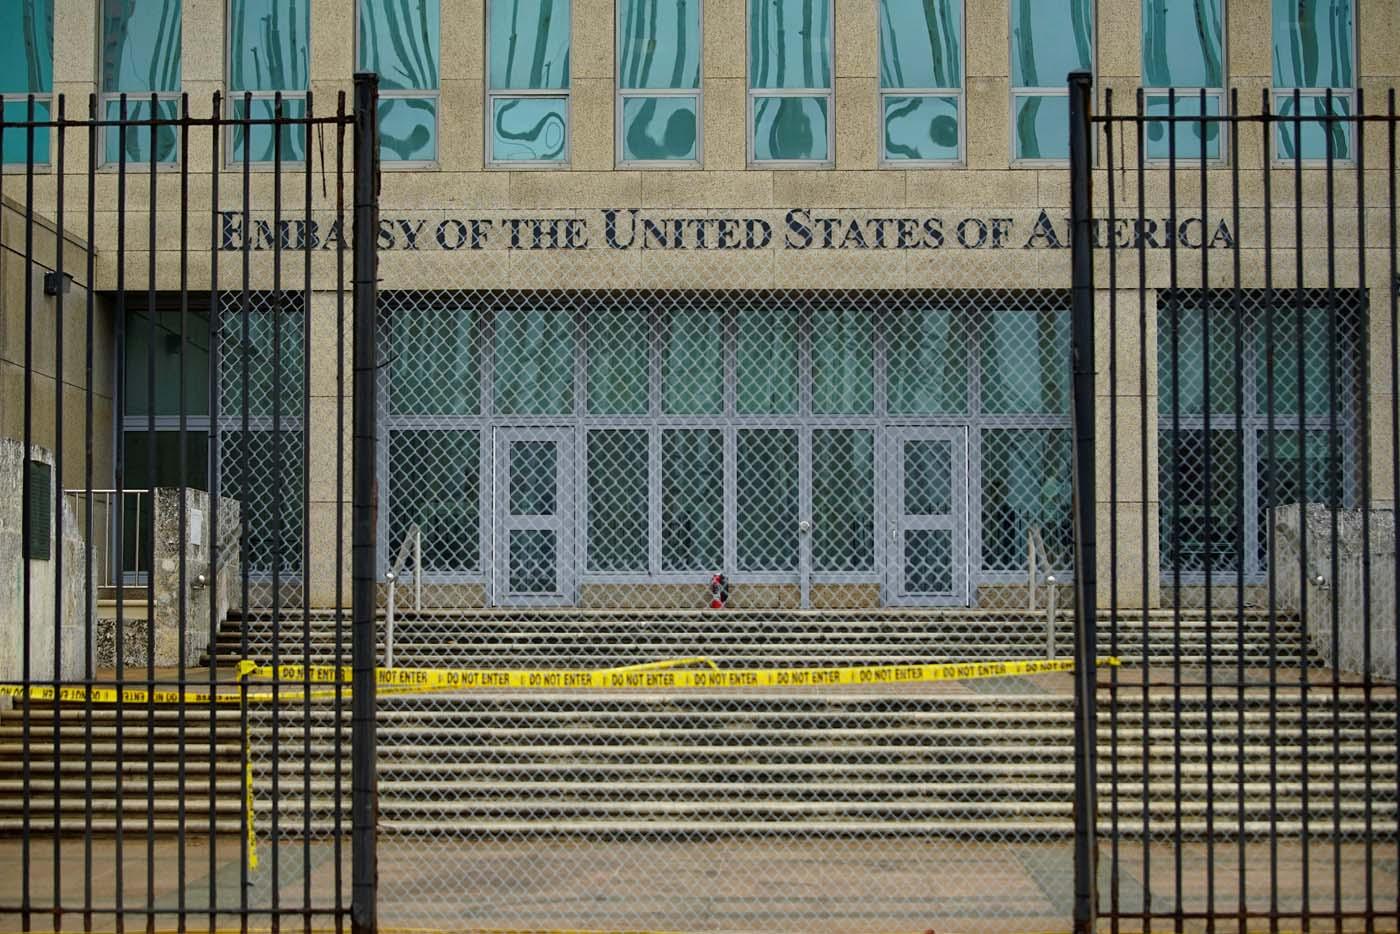 La embajada de EEUU en Cuba (Foto REUTERS/Alexandre Meneghini)